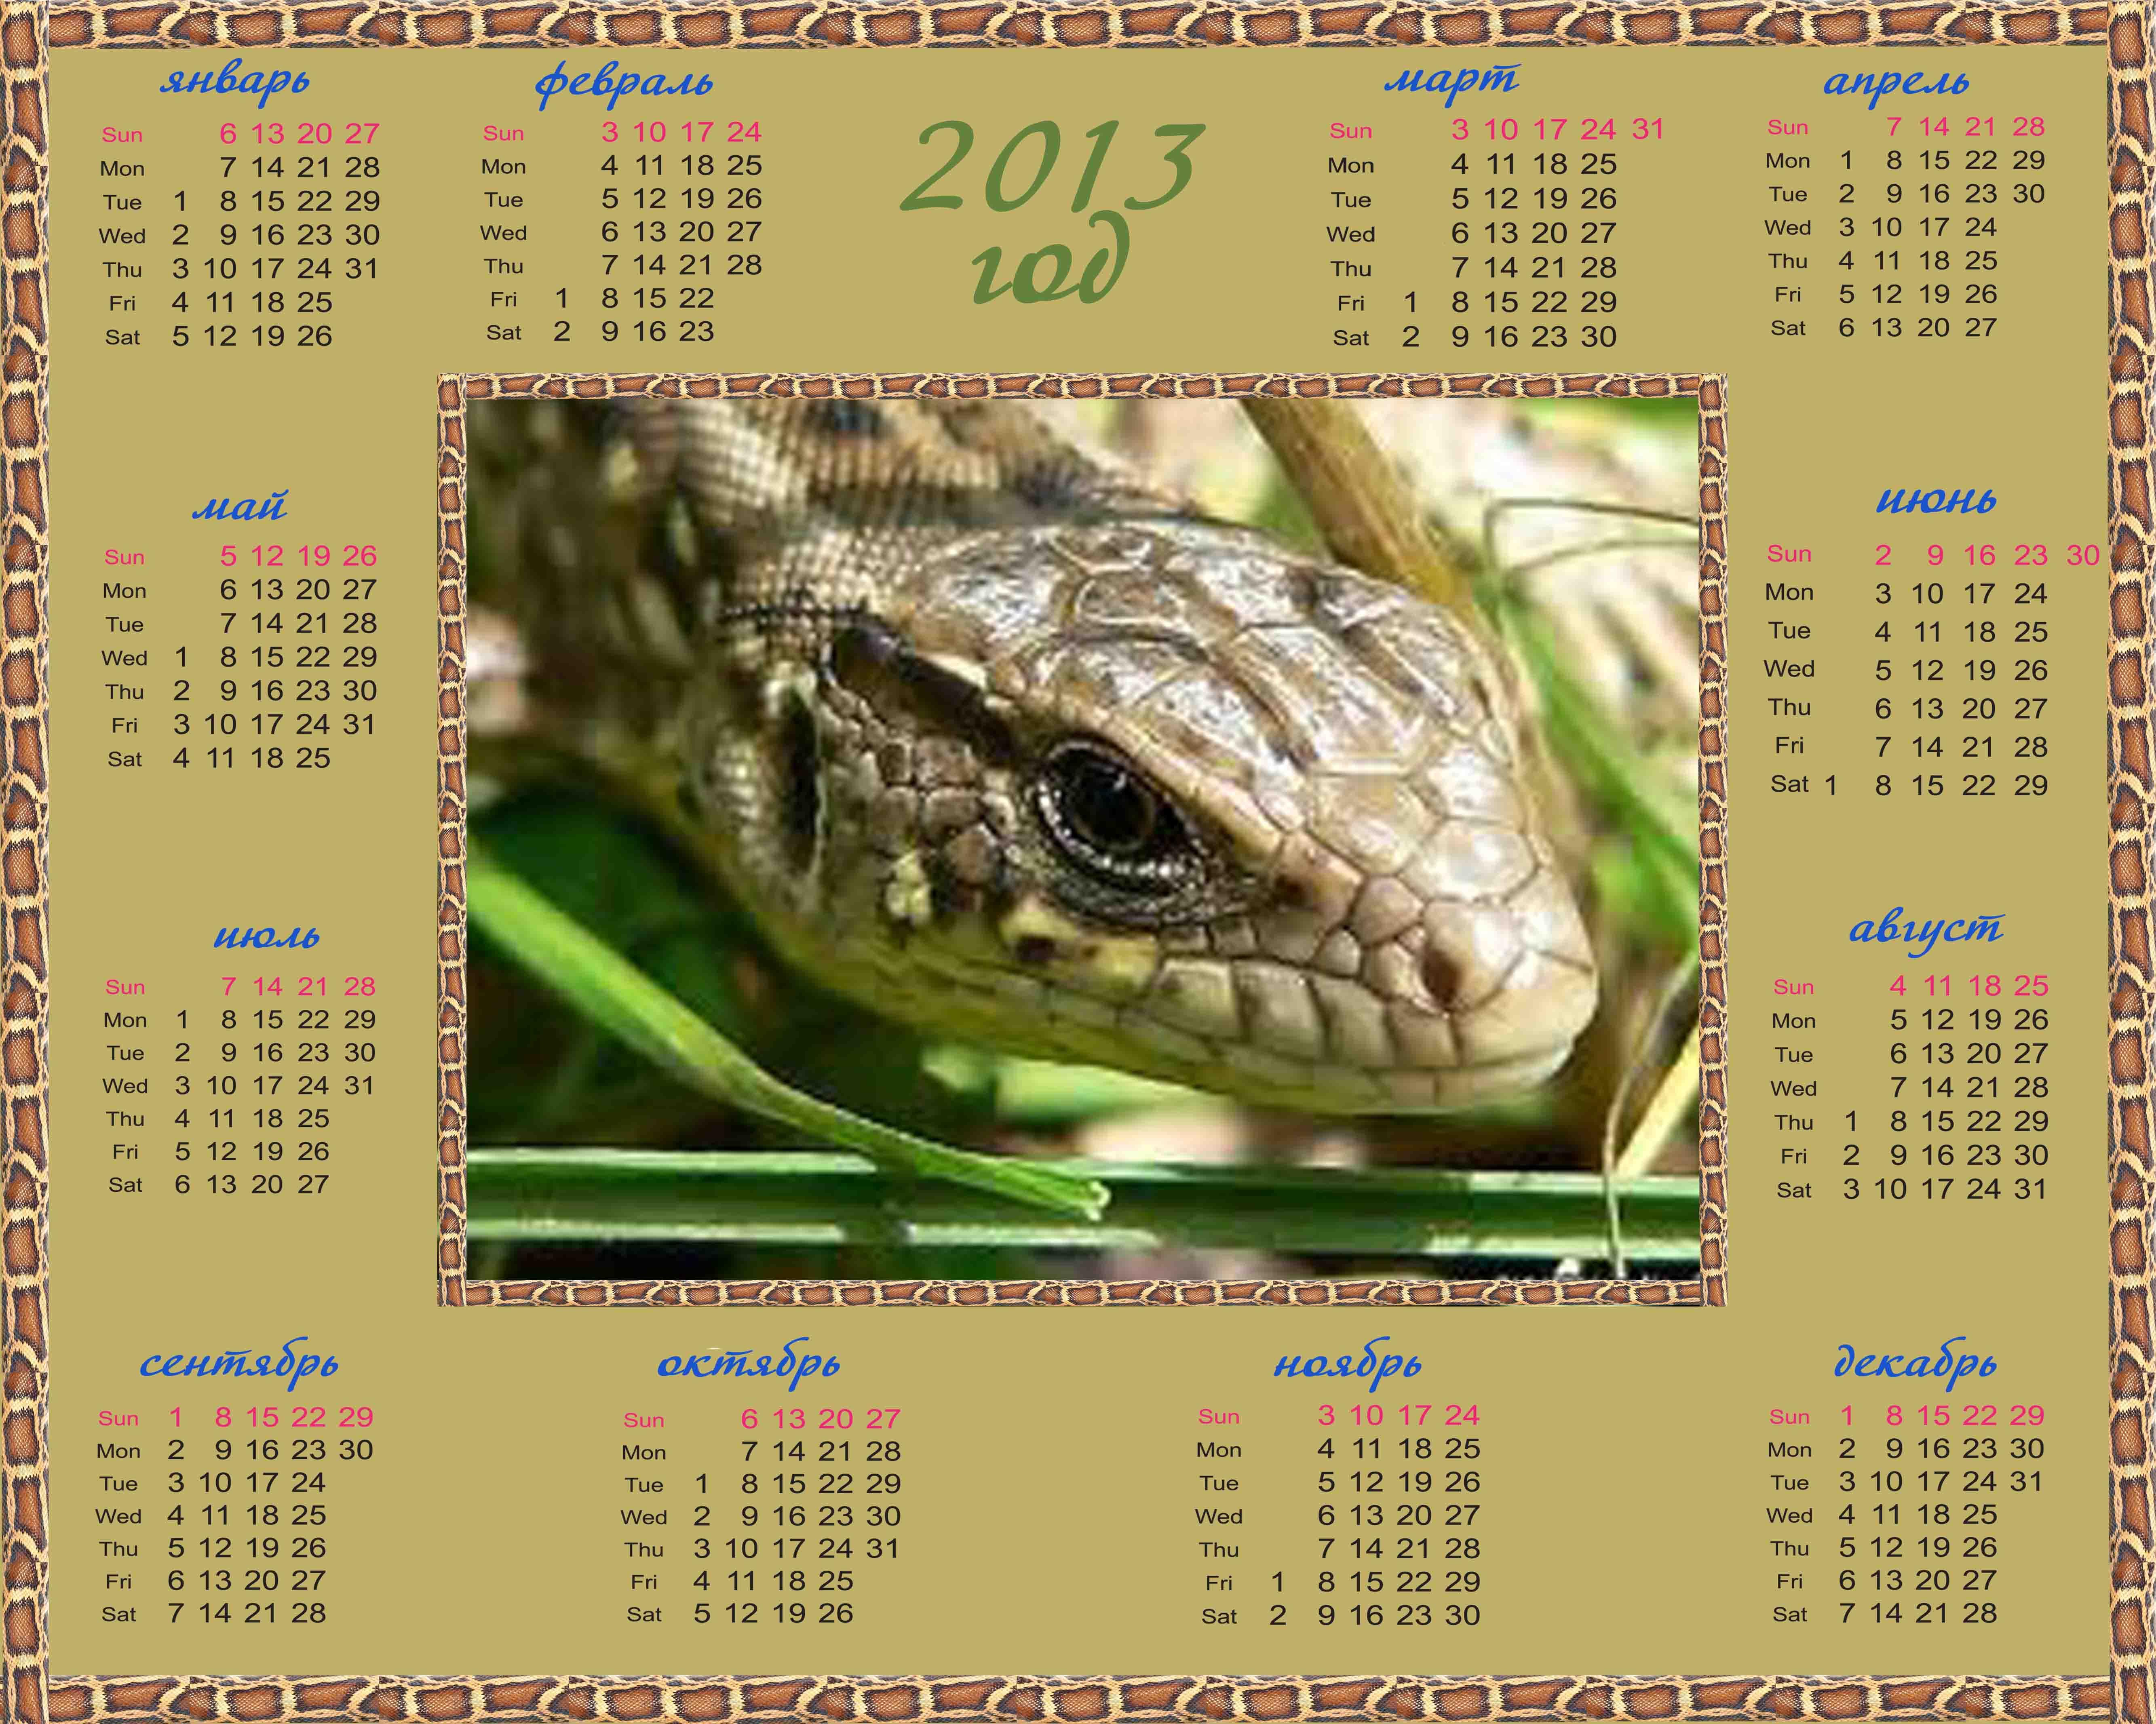 Календарь на 2013, год змеи - Мудрость. карта сайта.  Видеоурок для photoshop - Переворот страниц книги. авторские...